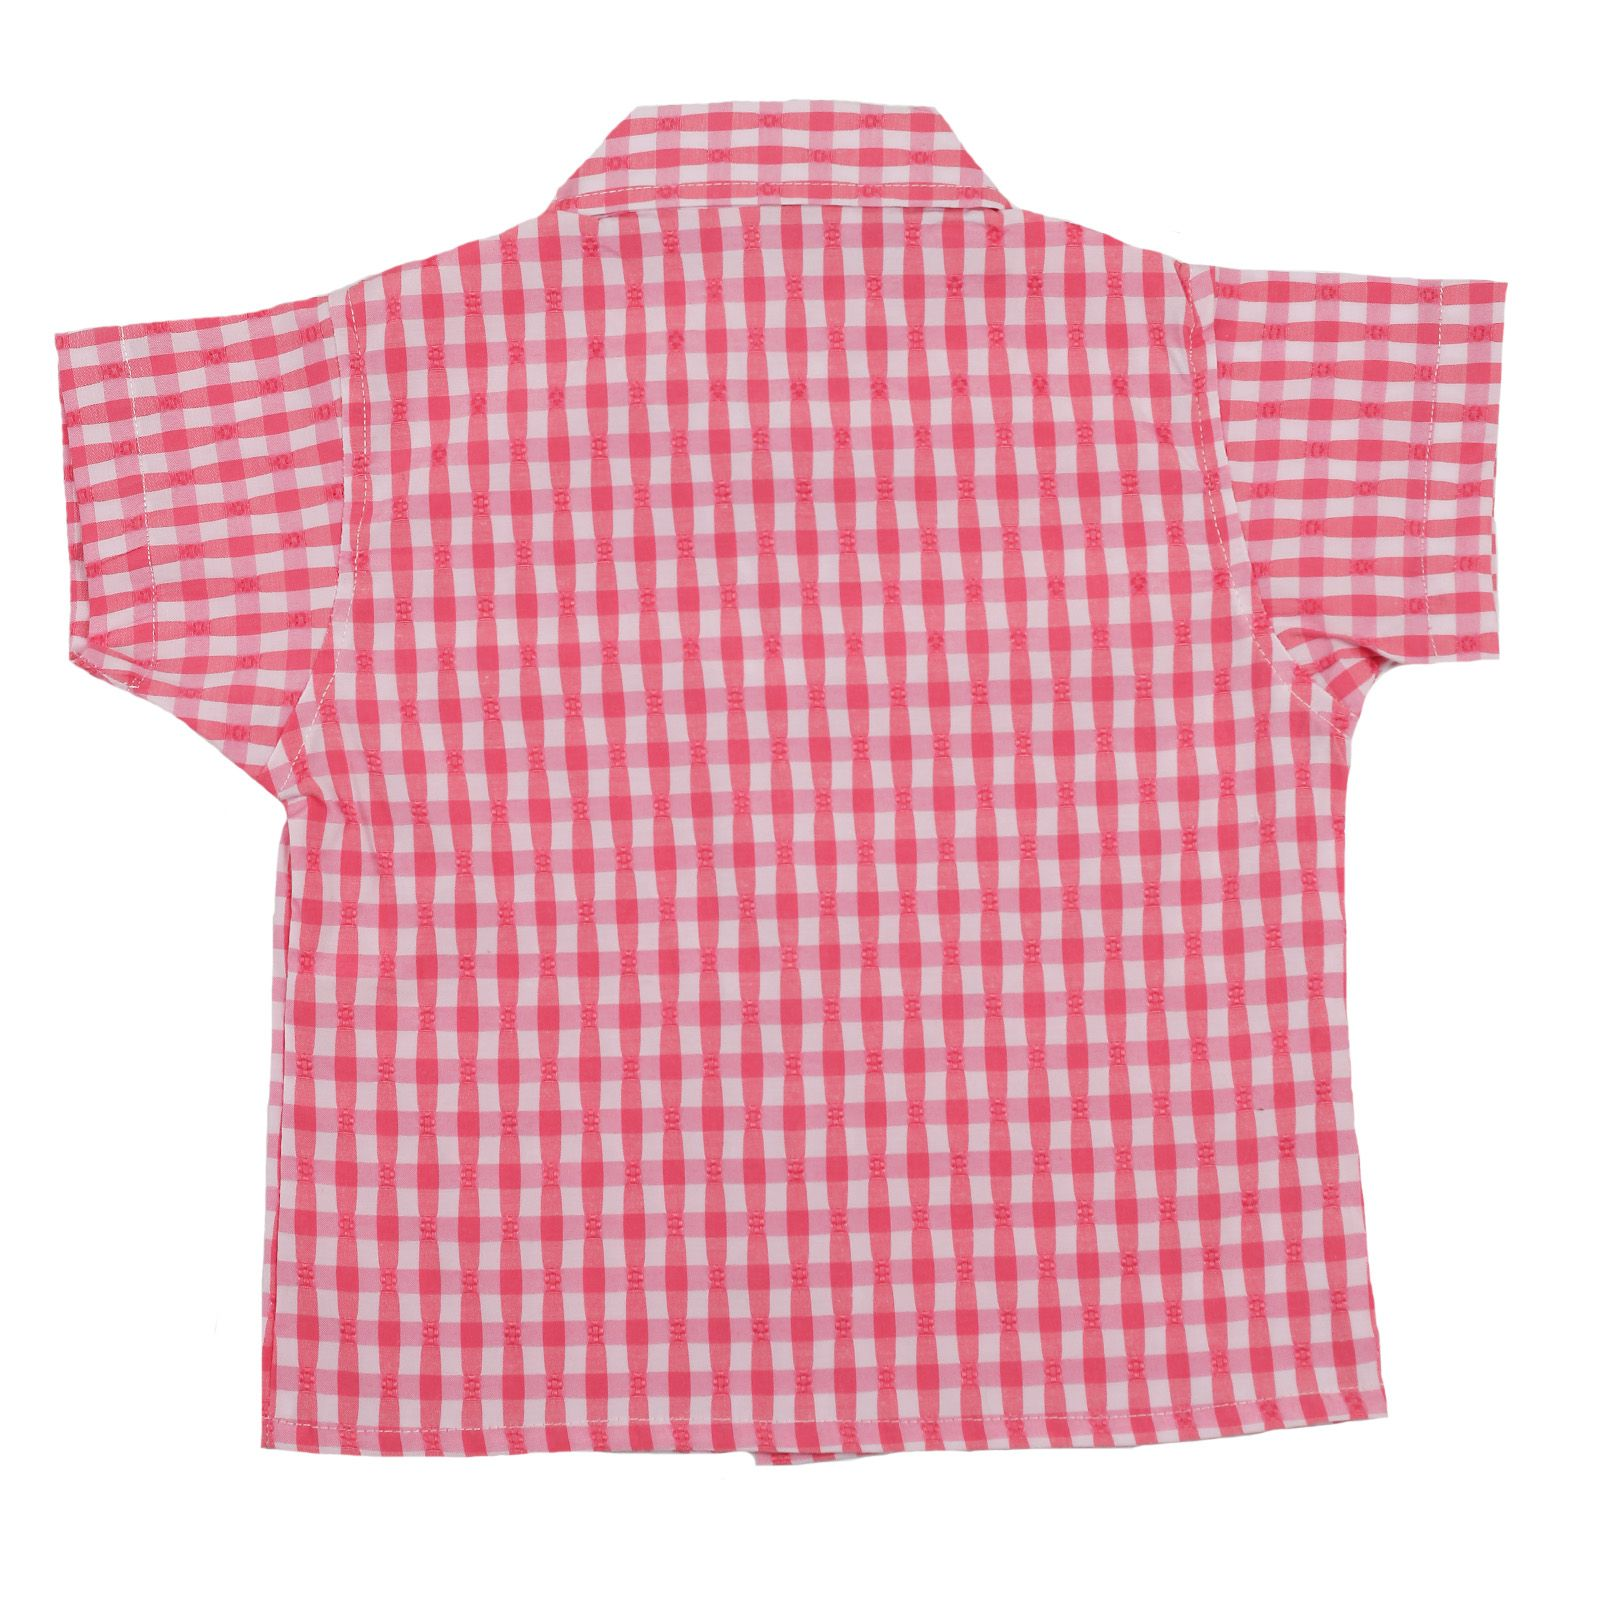 Оригинальная дизайнерская рубашка для мальчиков TRENDY GIRIS